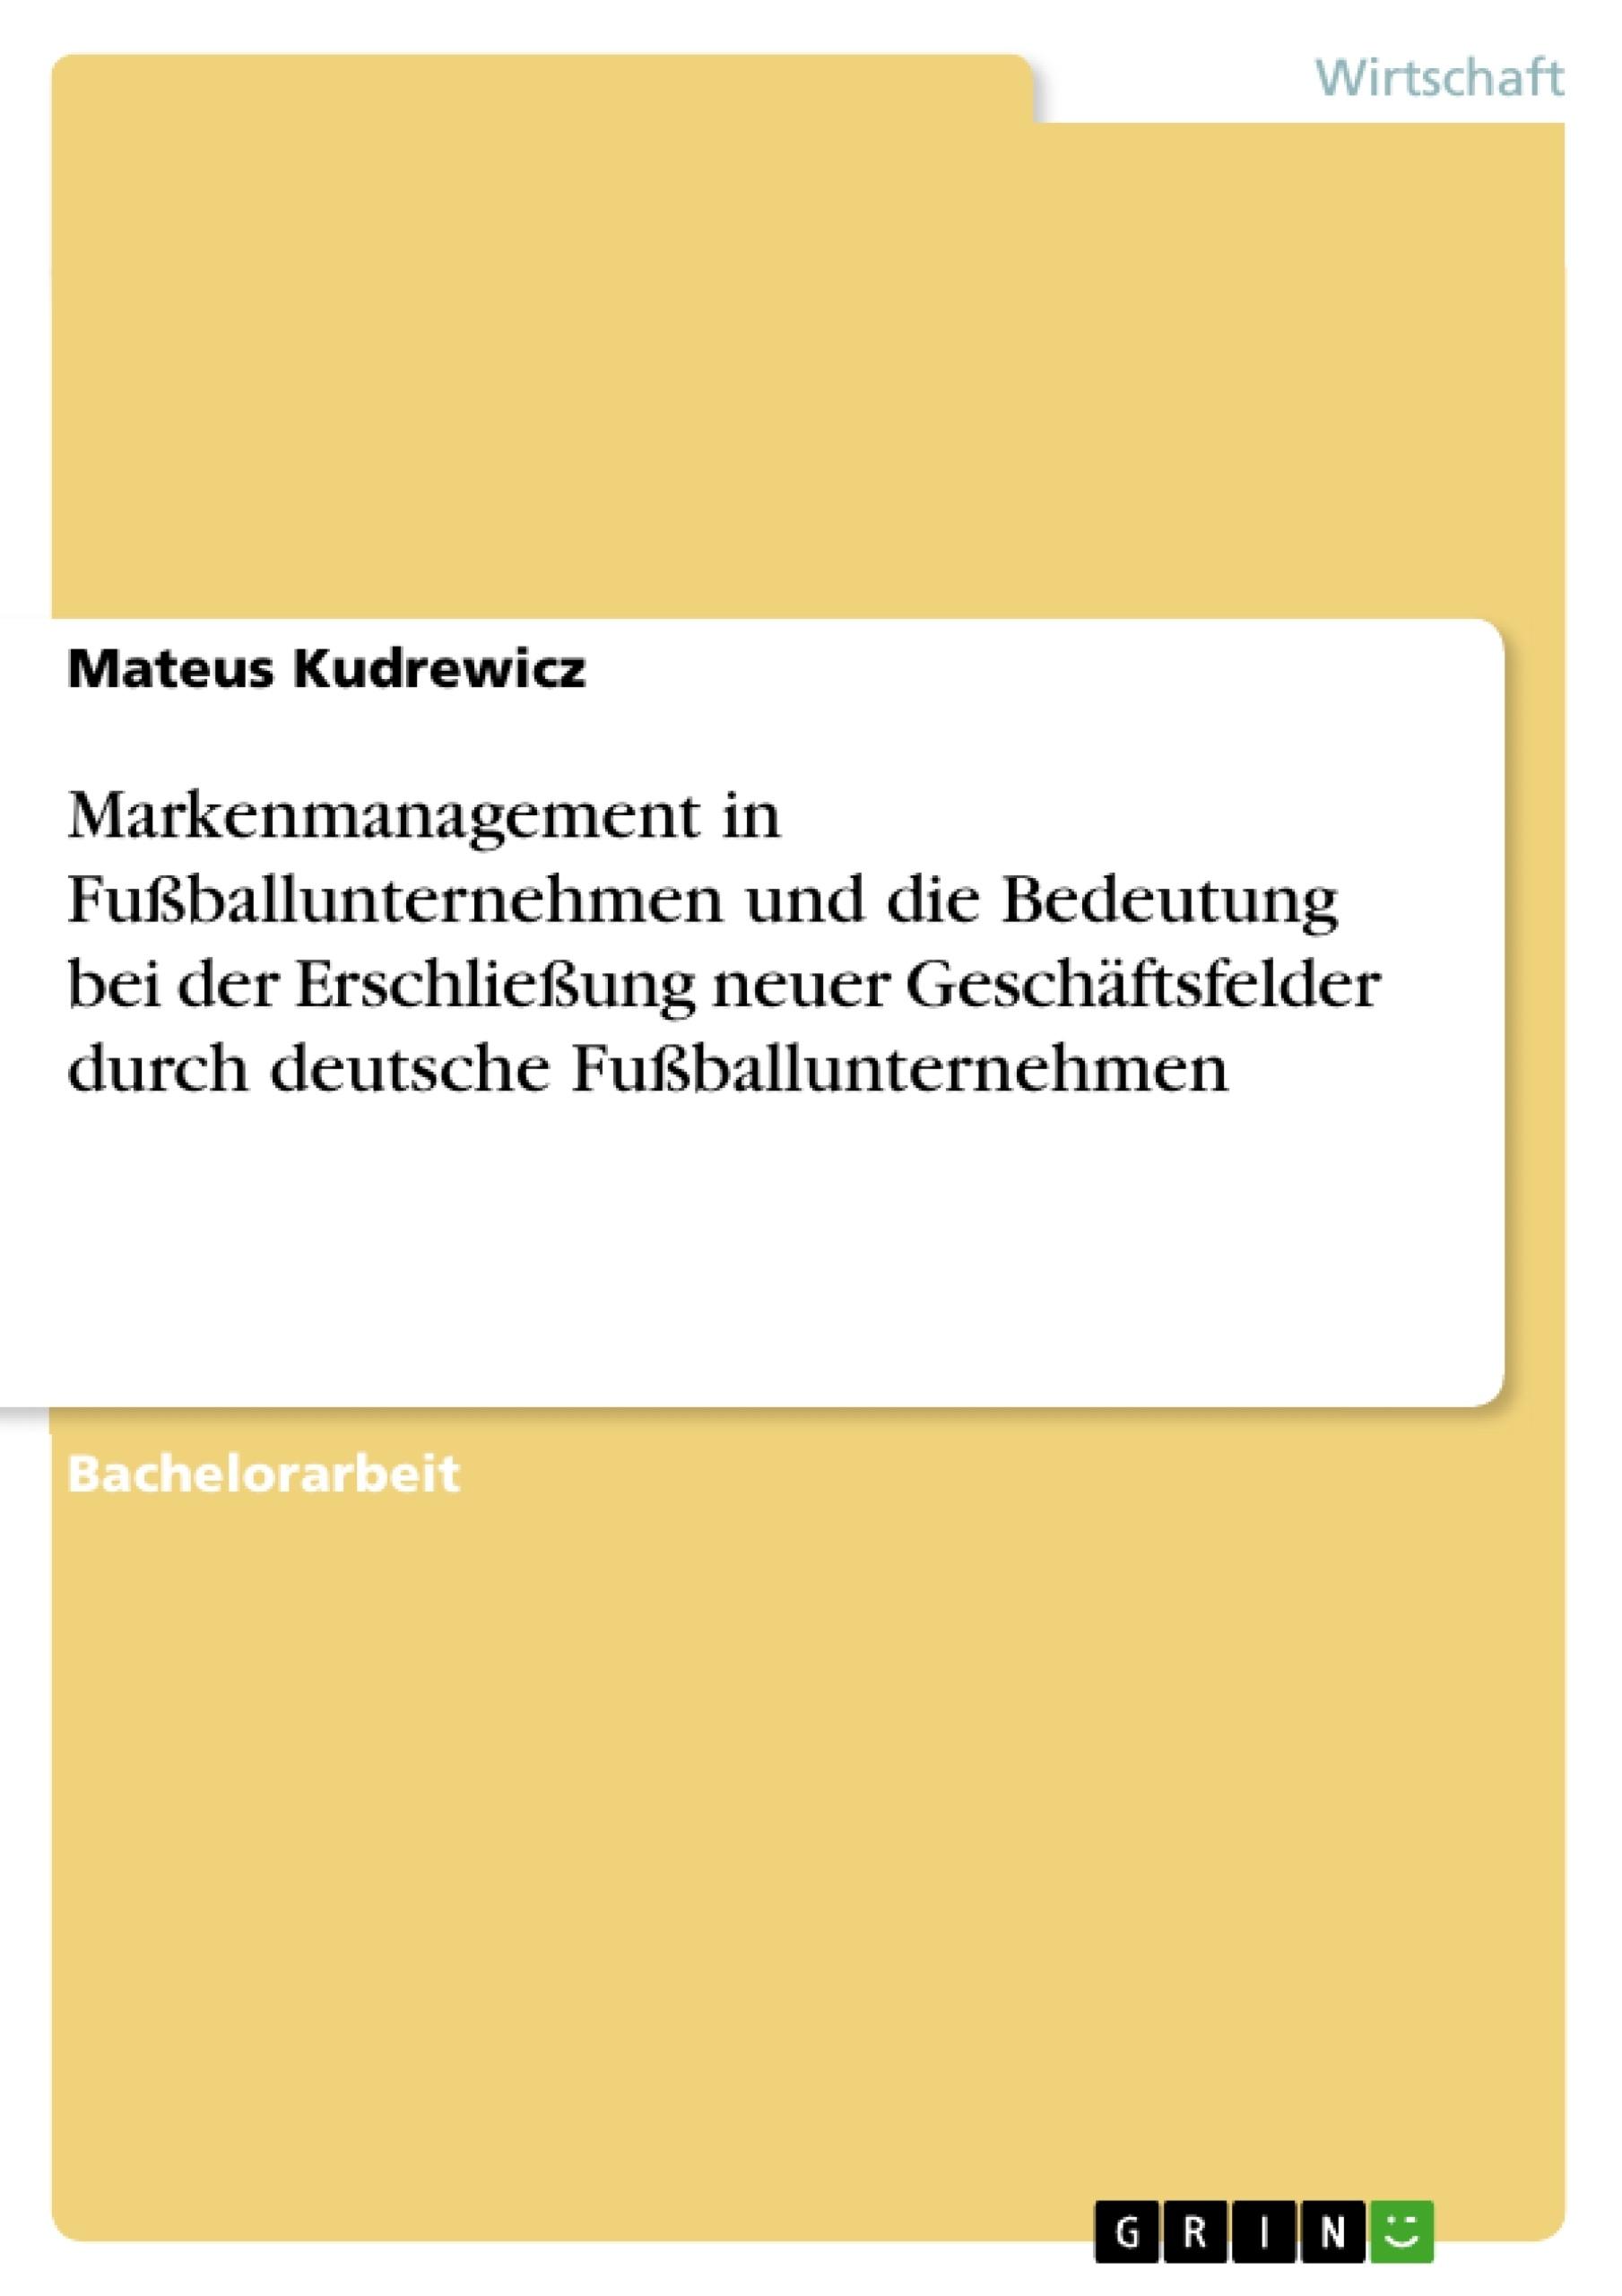 Titel: Markenmanagement in Fußballunternehmen und die Bedeutung bei der Erschließung neuer Geschäftsfelder durch deutsche Fußballunternehmen